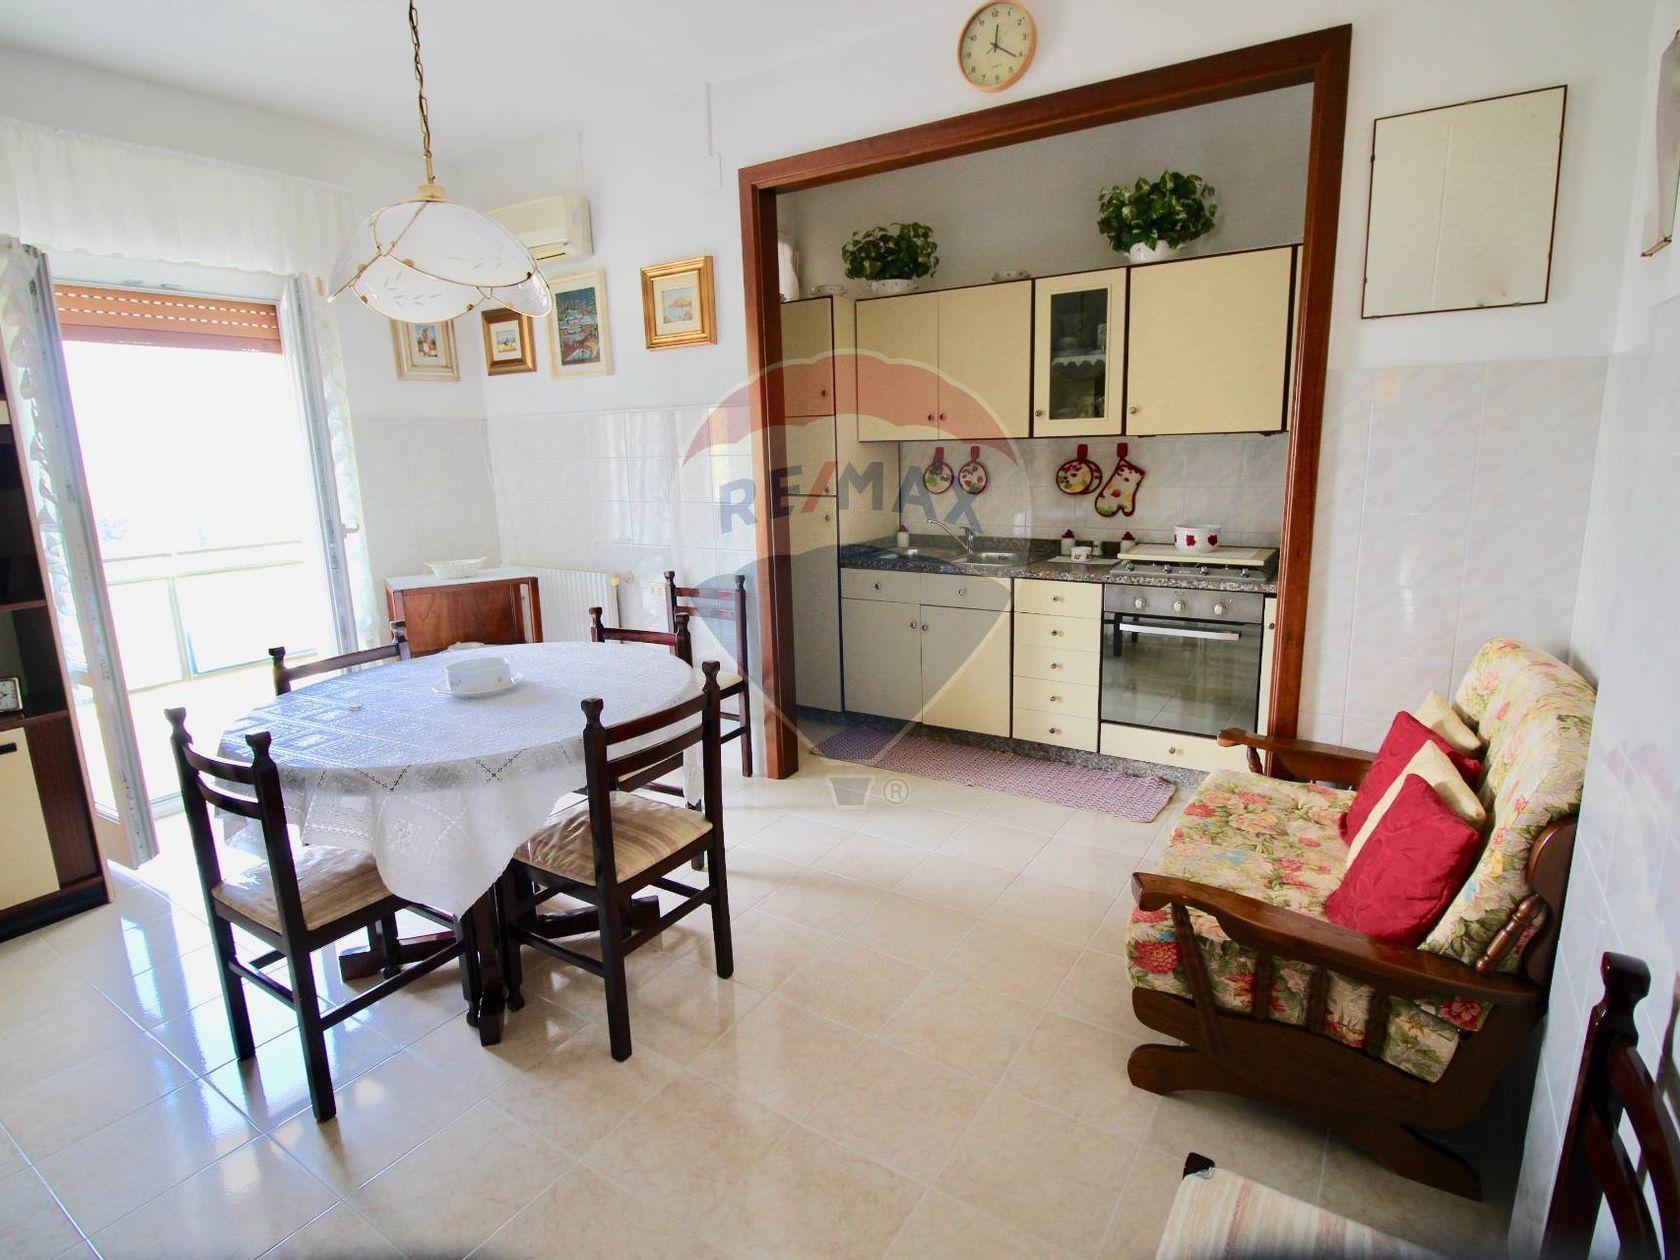 Appartamento Ss-monte Rosello Basso, Sassari, SS Vendita - Foto 3